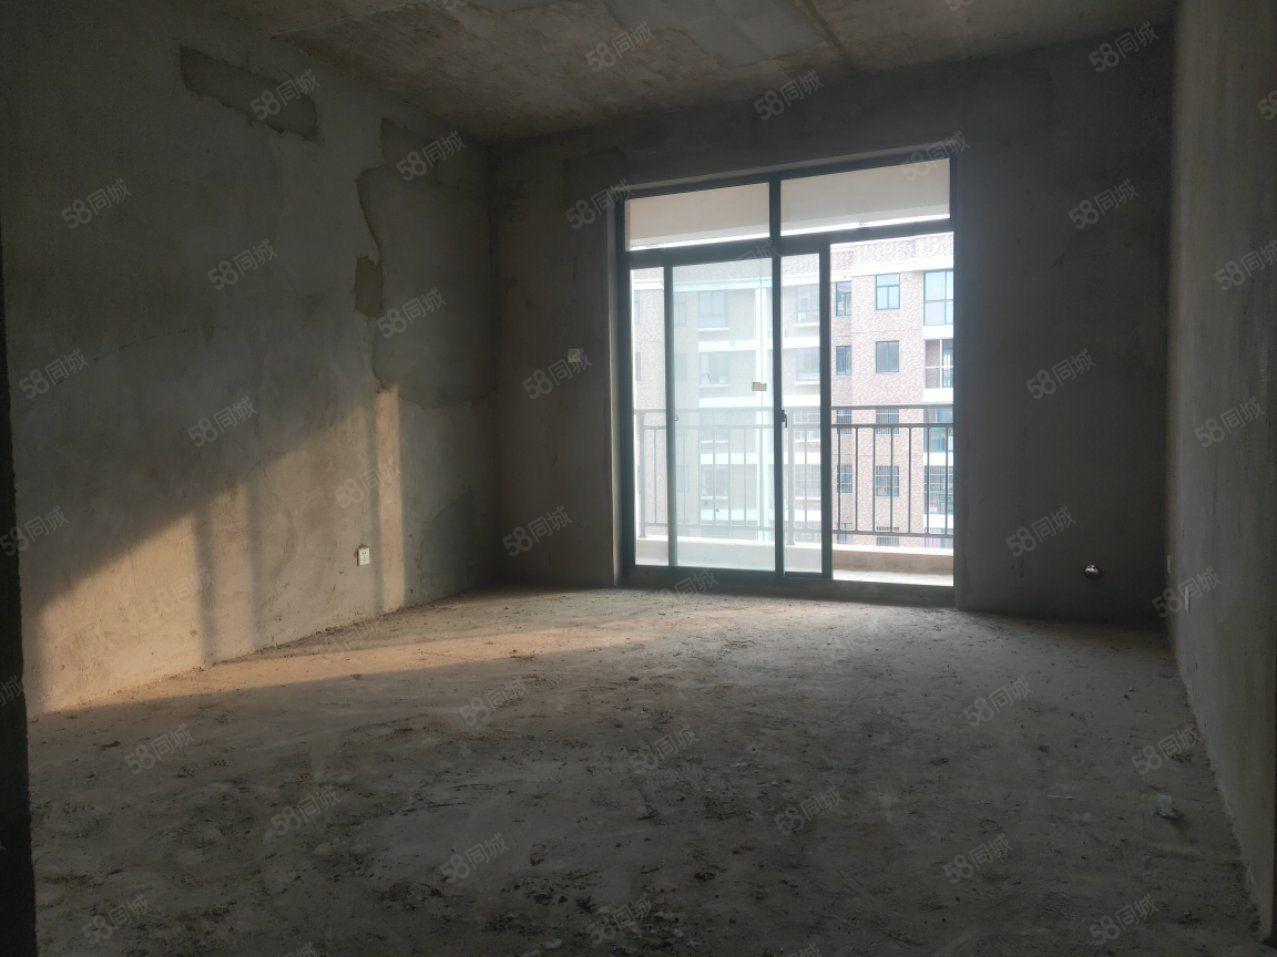 融辉城二期不是顶楼采光无遮挡位置佳仅售50万三房可分期